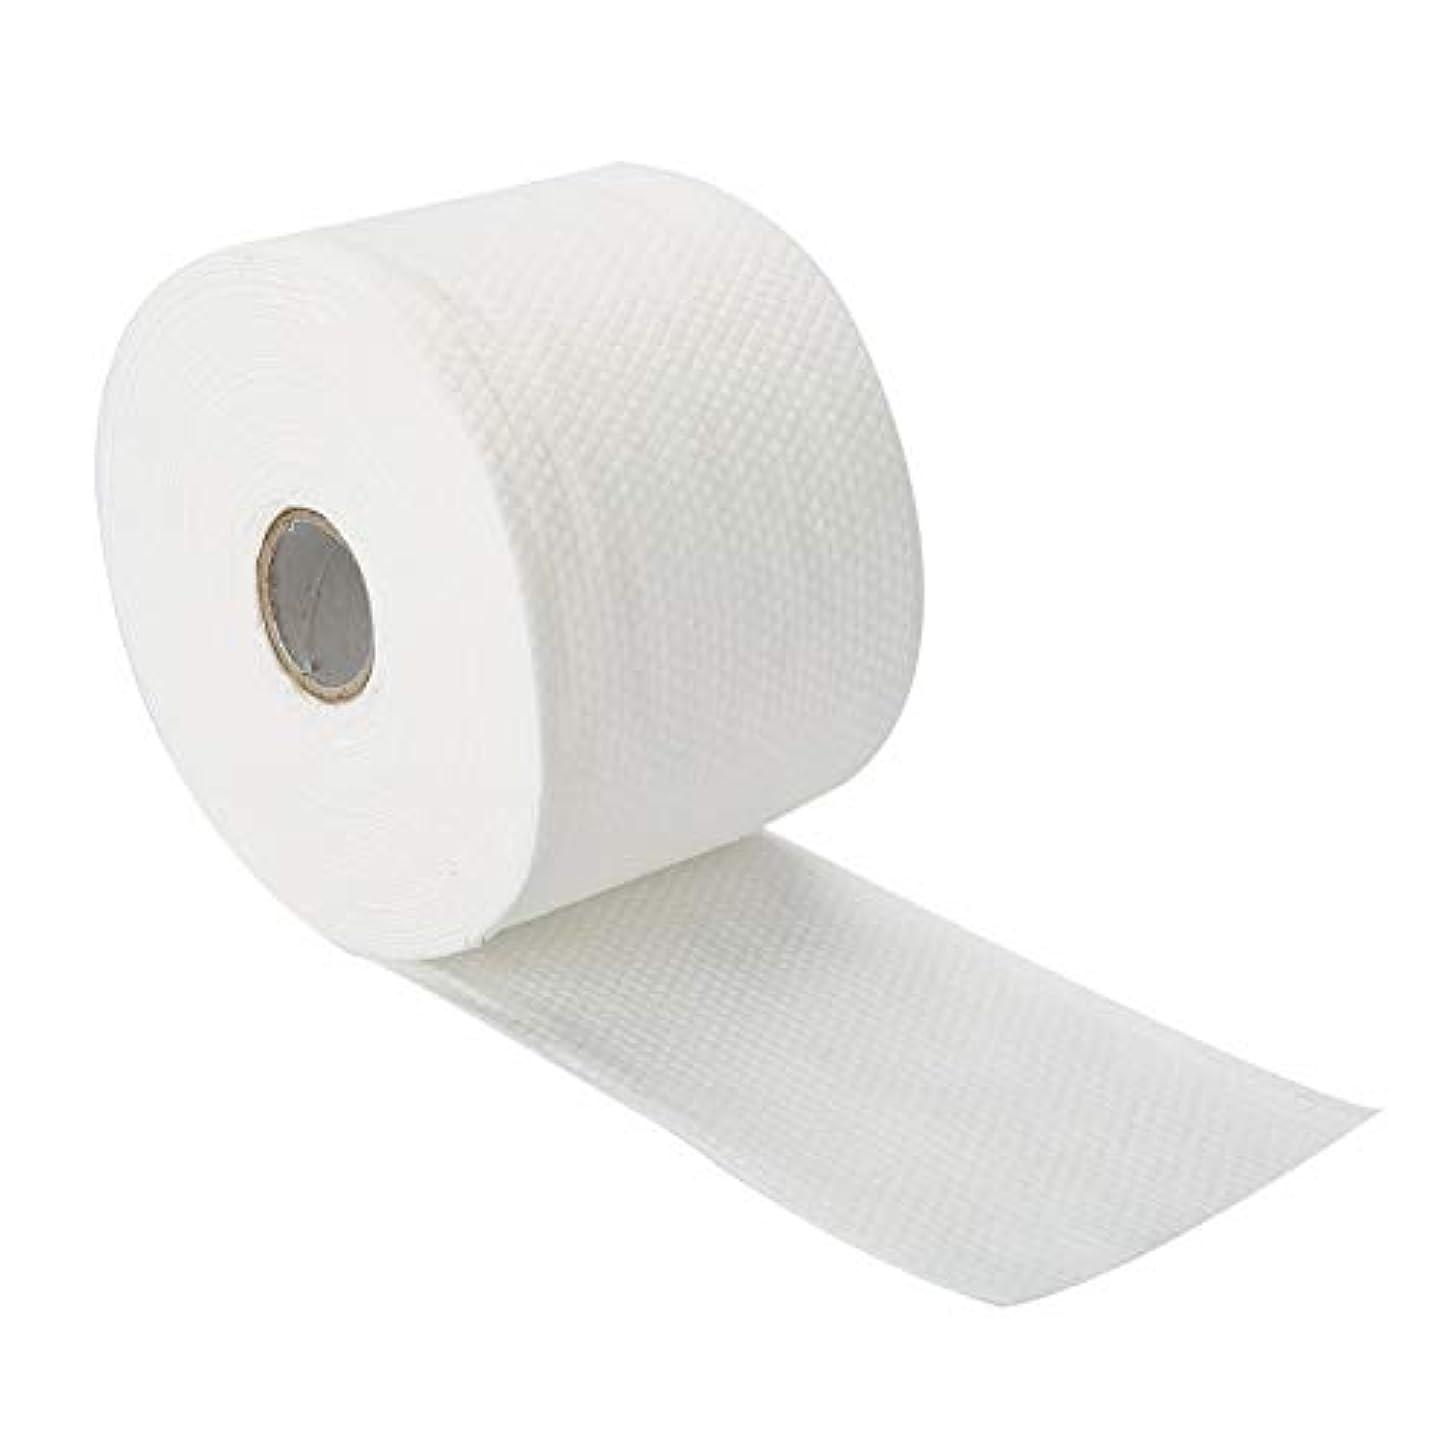 医薬明確な聴衆構造の使い捨て可能 表面 タオル 柔らかい Nonwoven クリーニングの化粧品の綿パッド25m